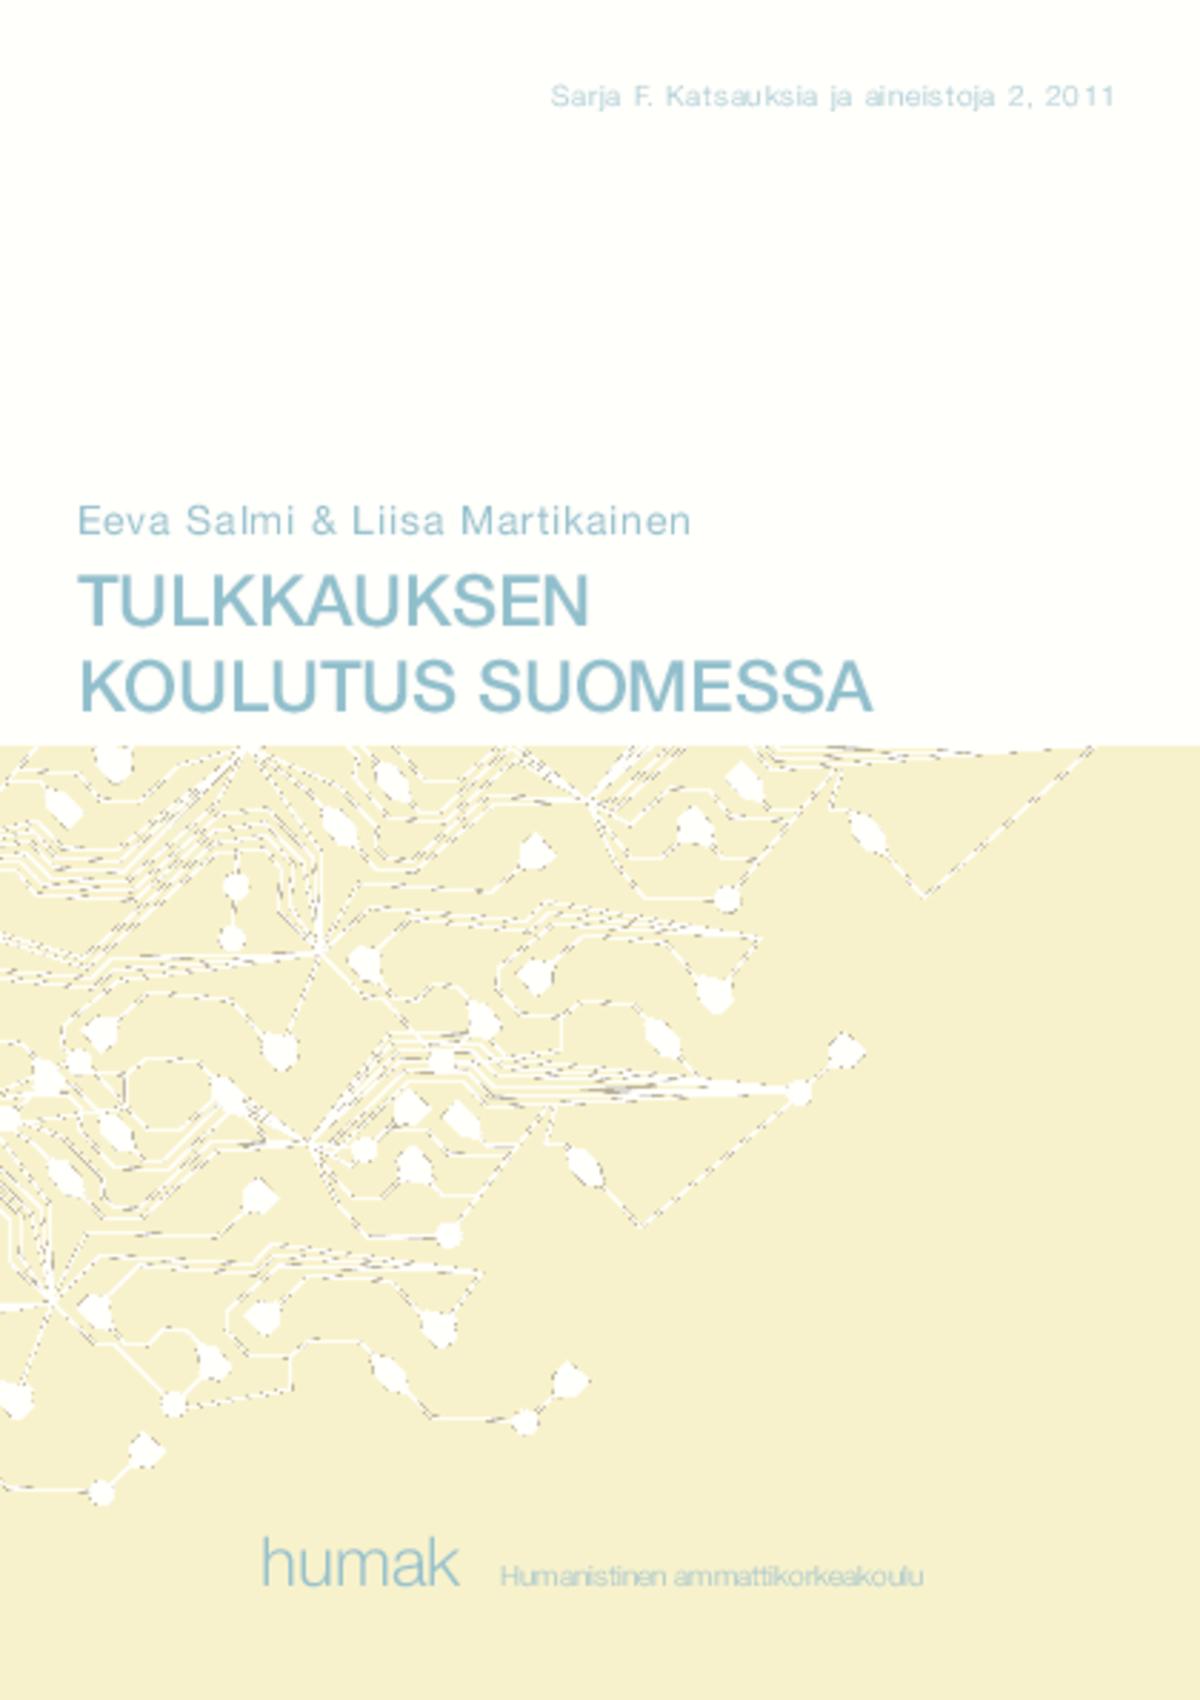 Tulkkauksen koulutus Suomessa